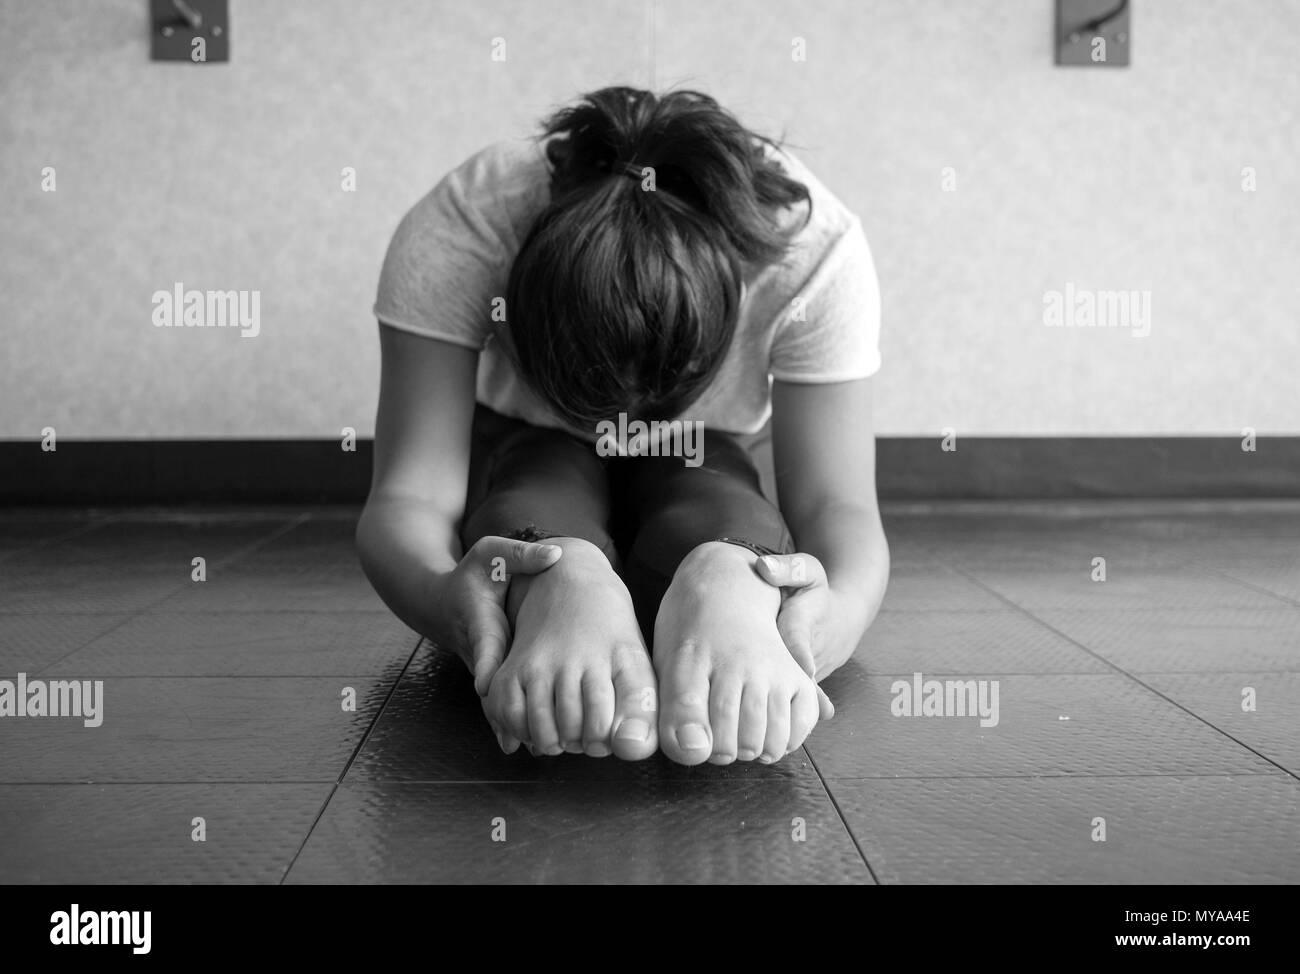 Version noir et blanc de la jeune femme d'effectuer et de s'asseoir et de se rendre à étirer les muscles ischio-jambiers et accroître la flexibilité Photo Stock